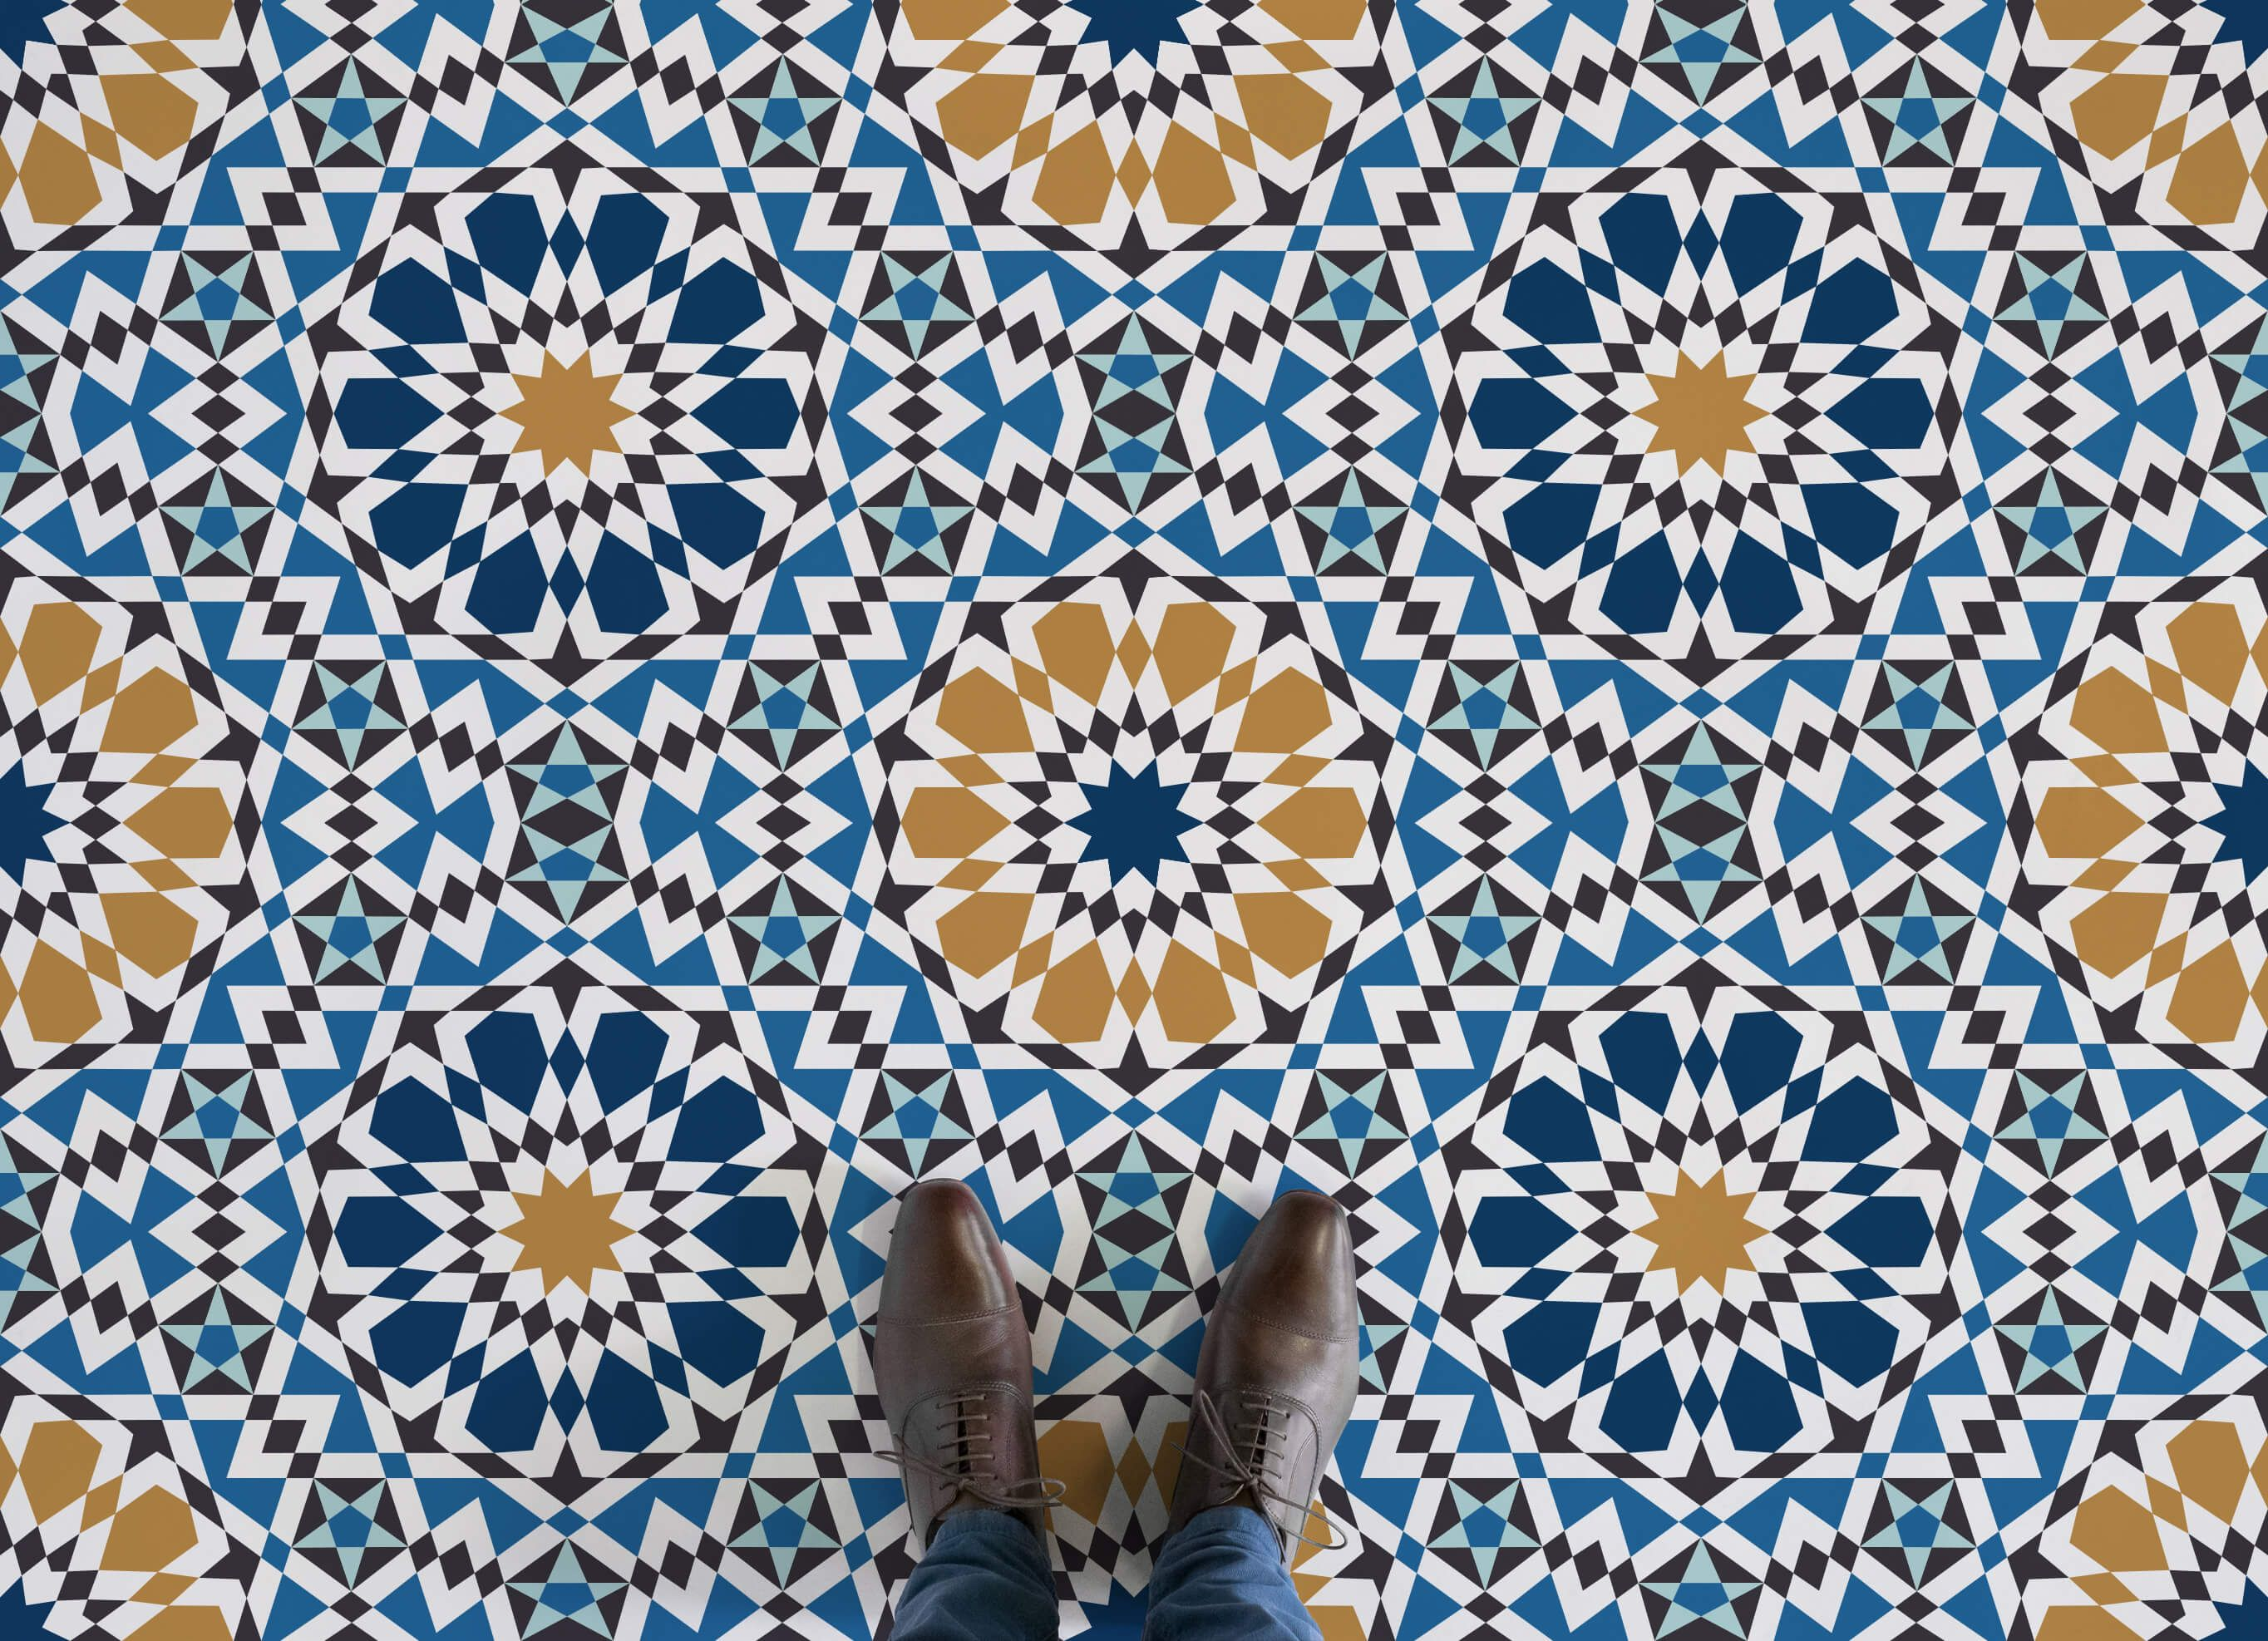 Marrakech Moroccan Pattern Vinyl Flooring Patterned Vinyl